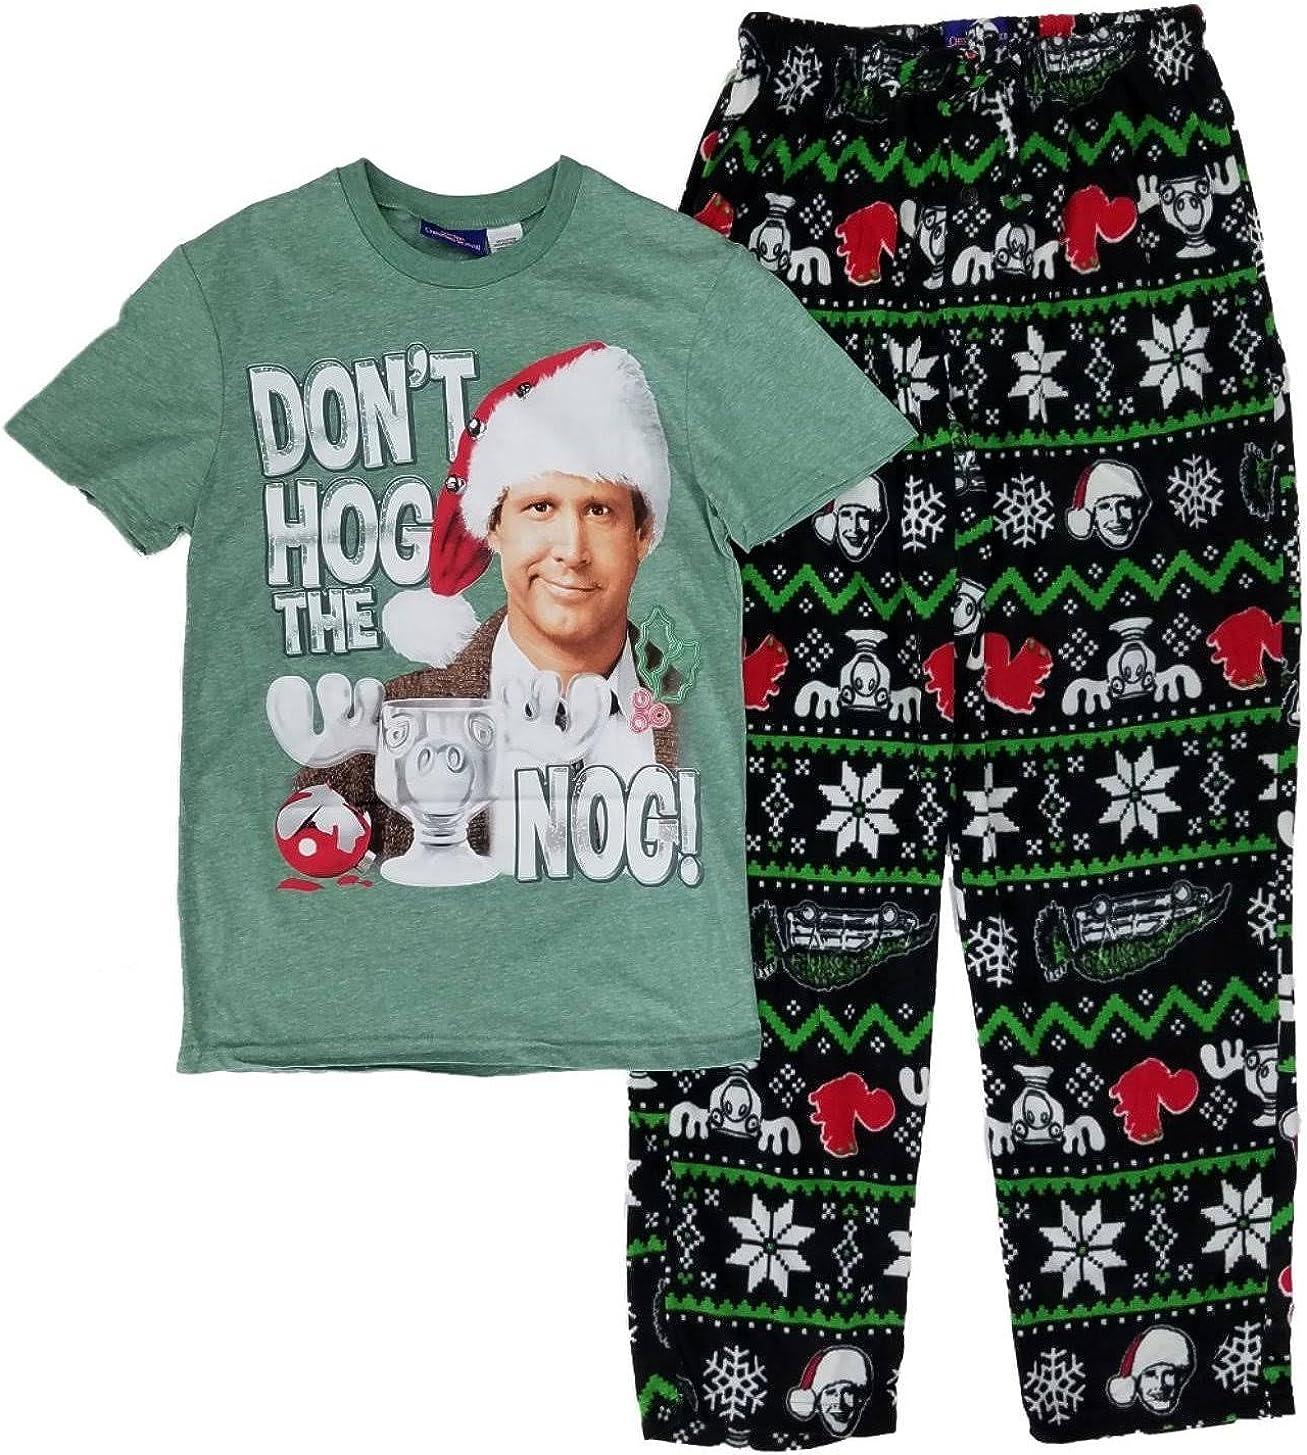 Christmas Vacation Don't Hog The Nog Lounge Sleep Pajama Set